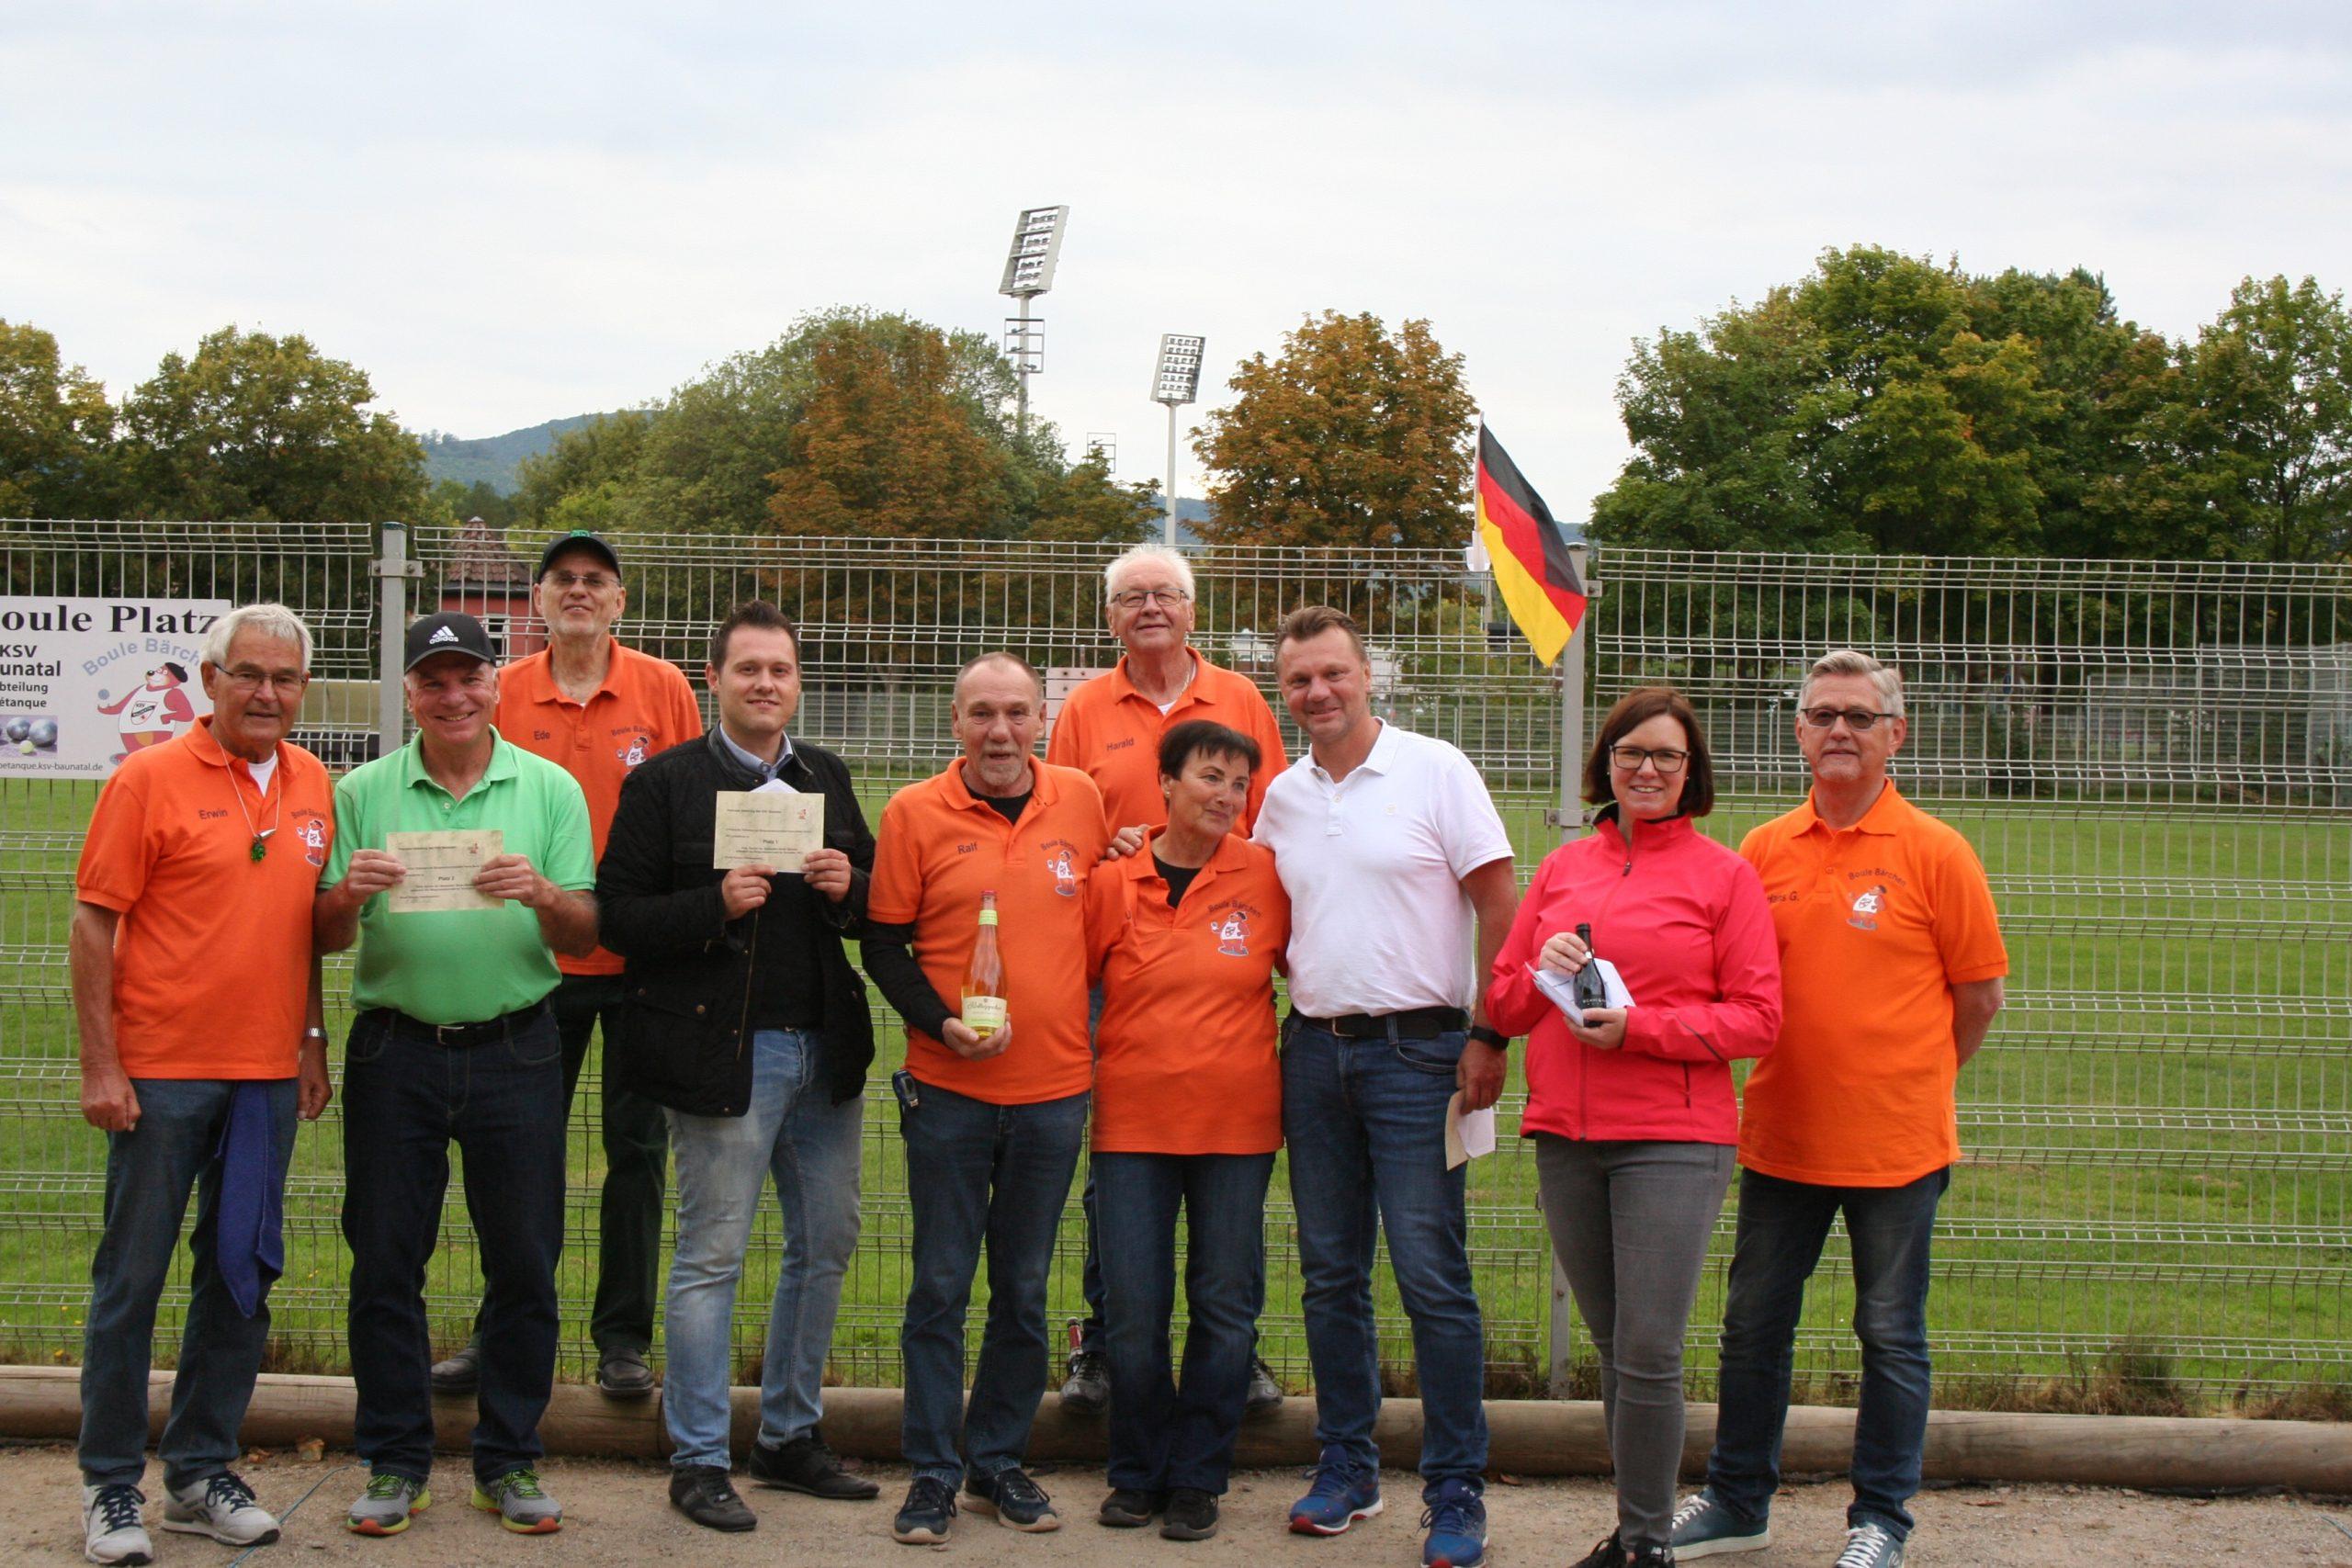 Sebastian Stüssel gewinnt Boule-Turnier der Bürgermeisterkandidaten.